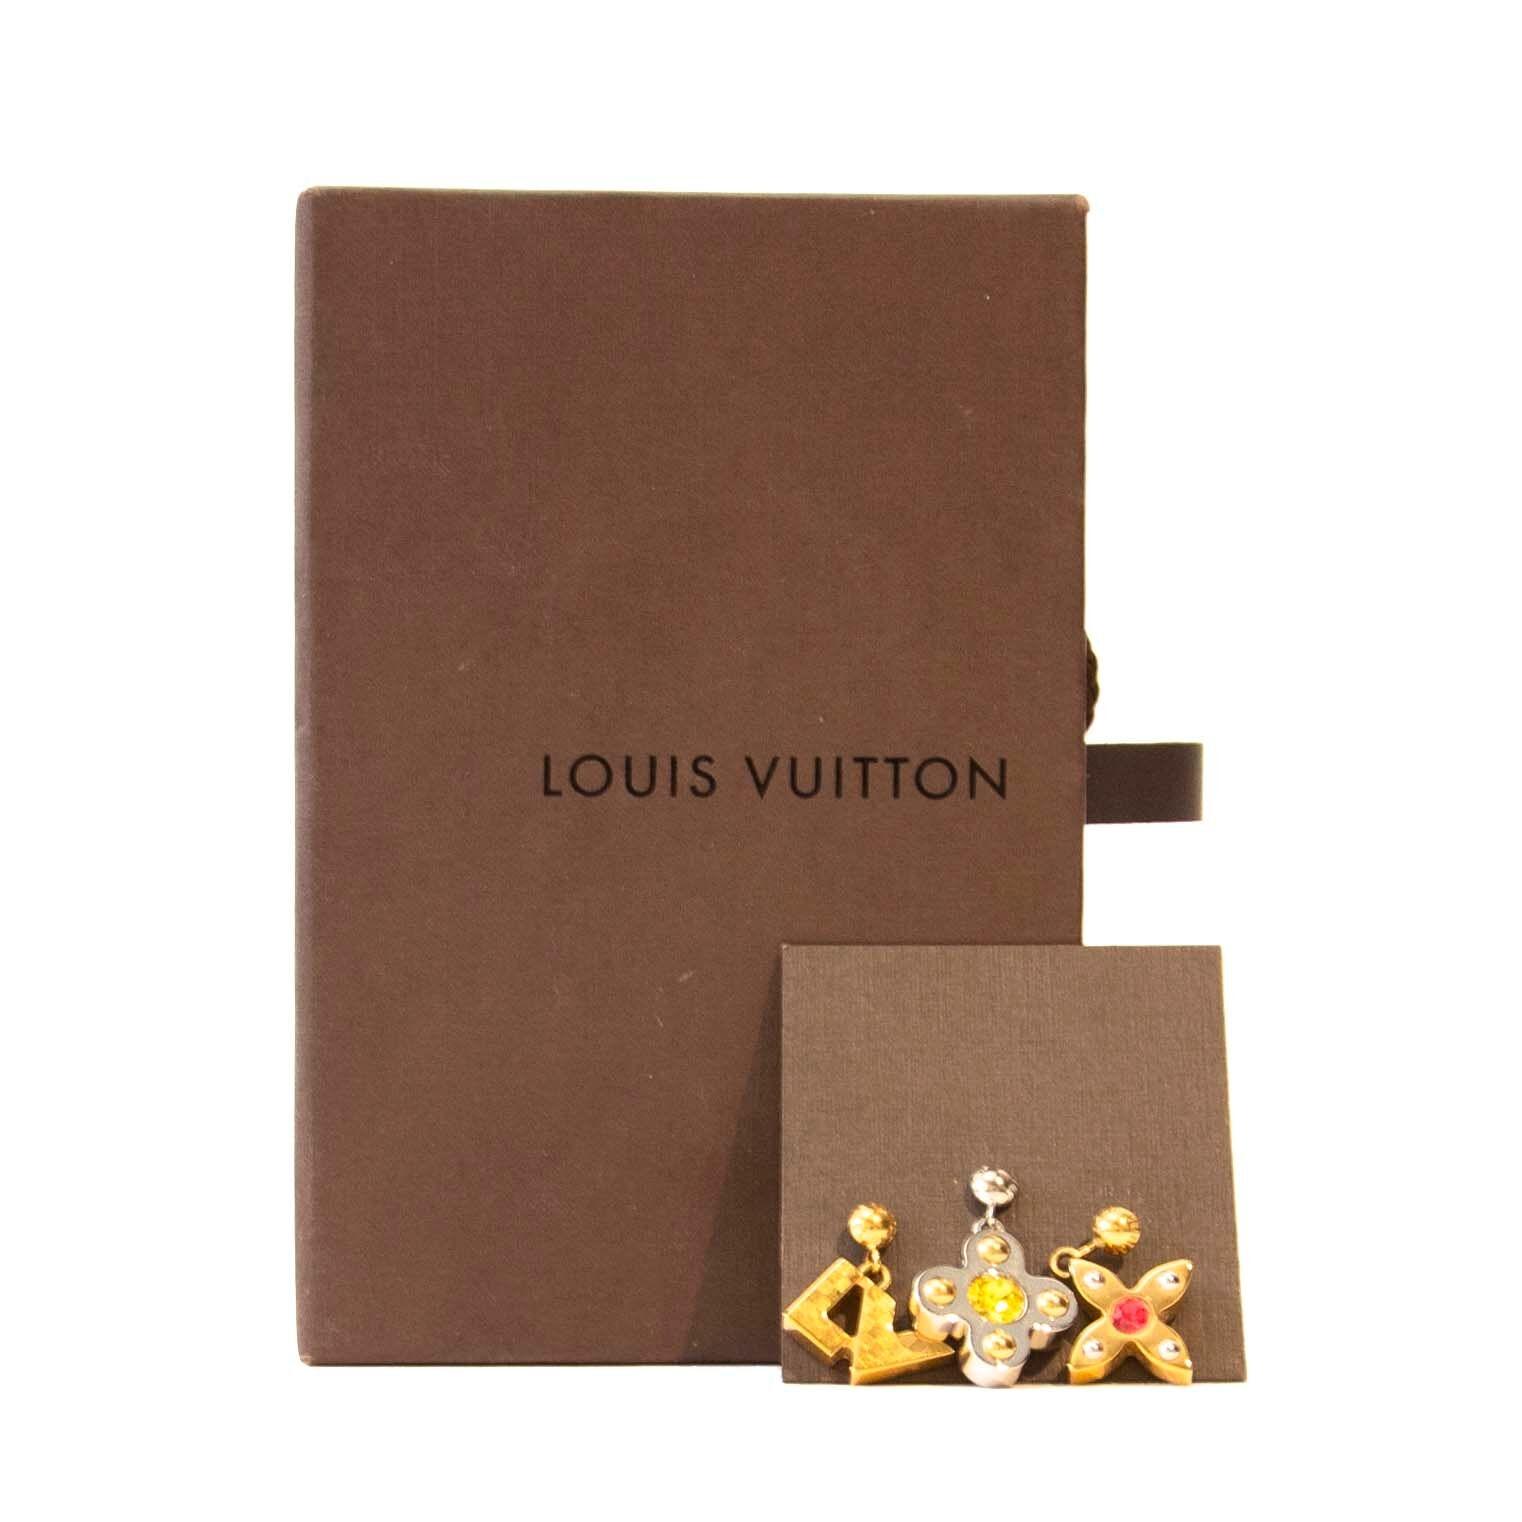 Koop authentieke oorbellen van Louis Vuitton aan de juiste prijs bij LabelLOV vintage webshop.